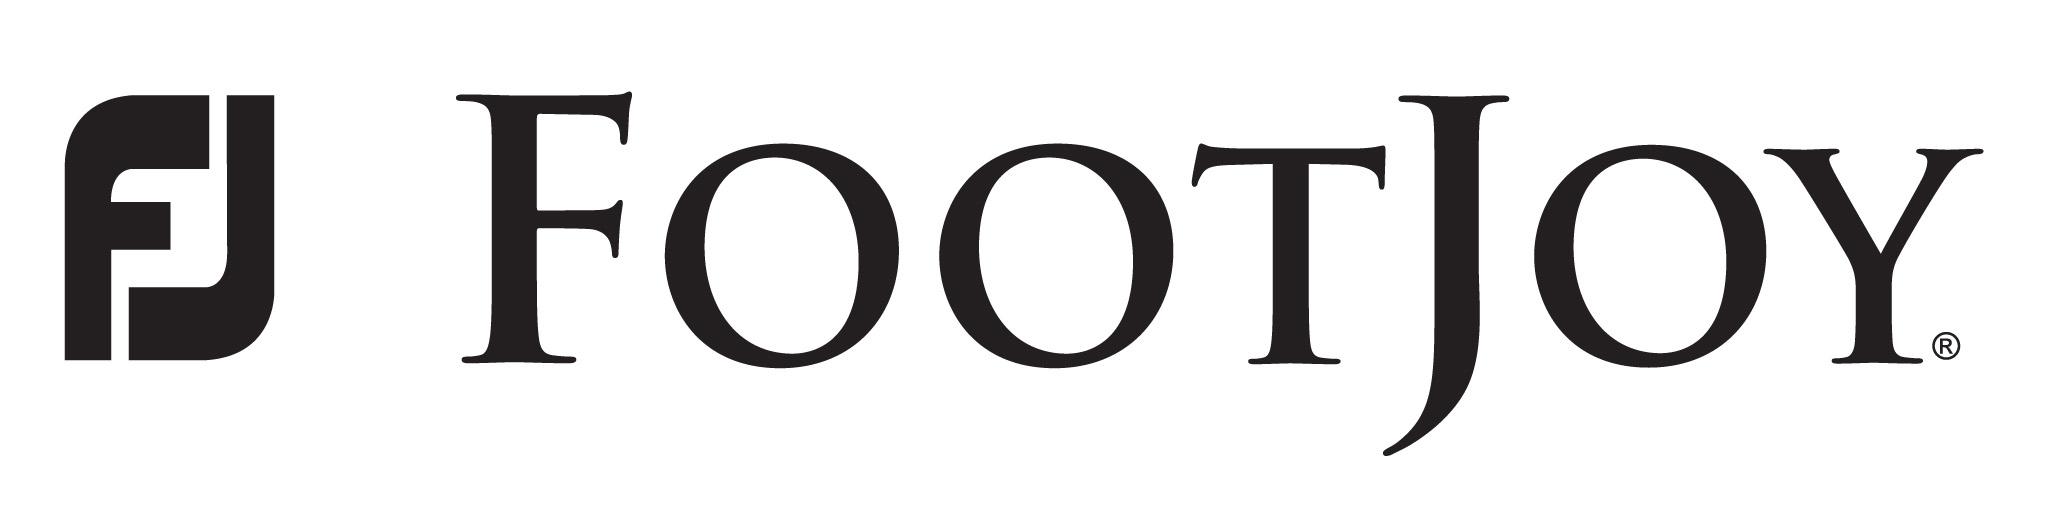 Footjoy Logos